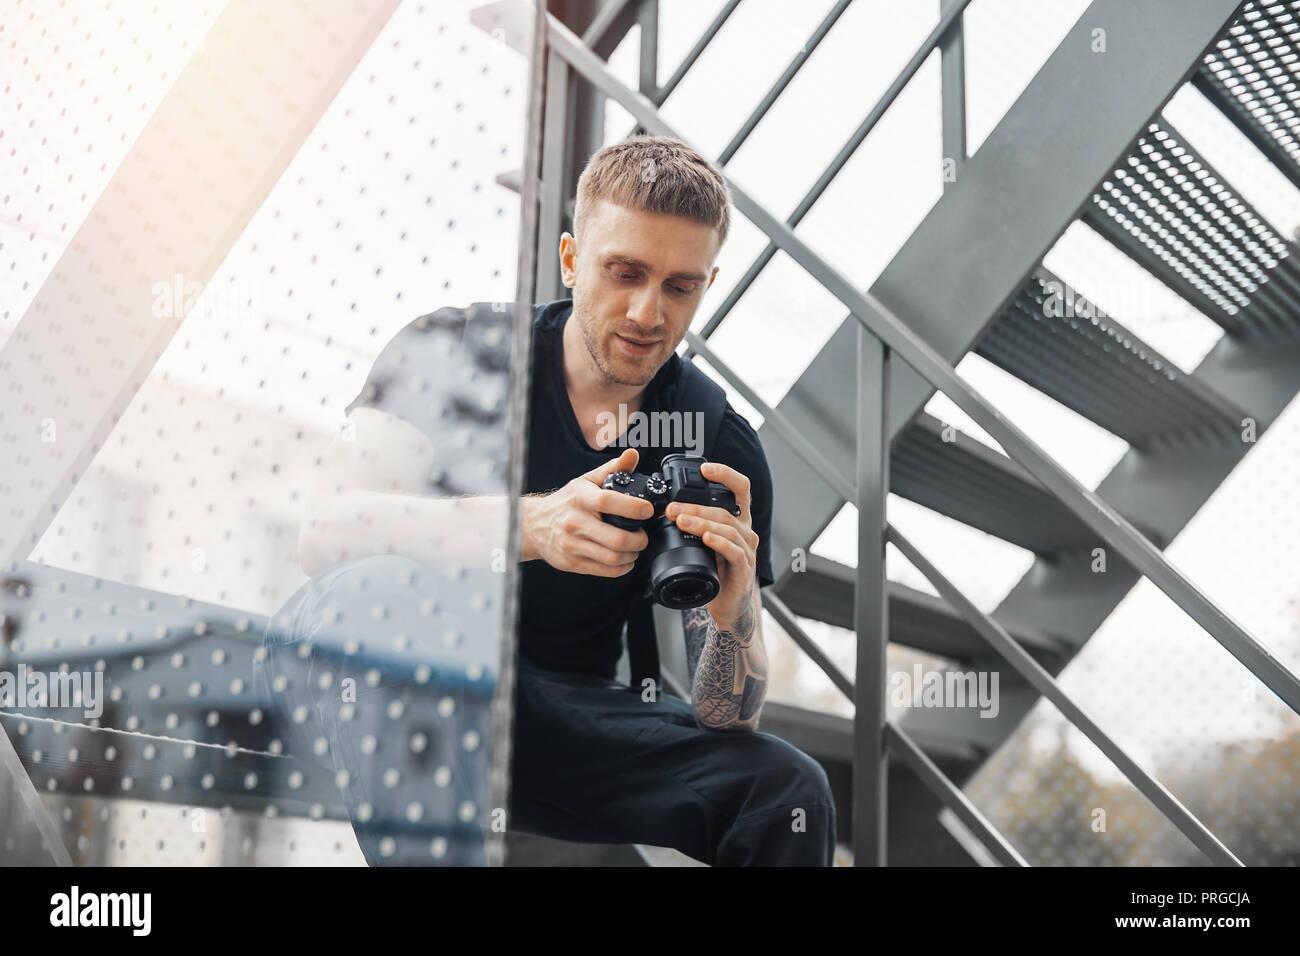 Attraktiver Mann an der Treppe sitzen und Kontrolle der Fotos in der Kamera. Stockbild